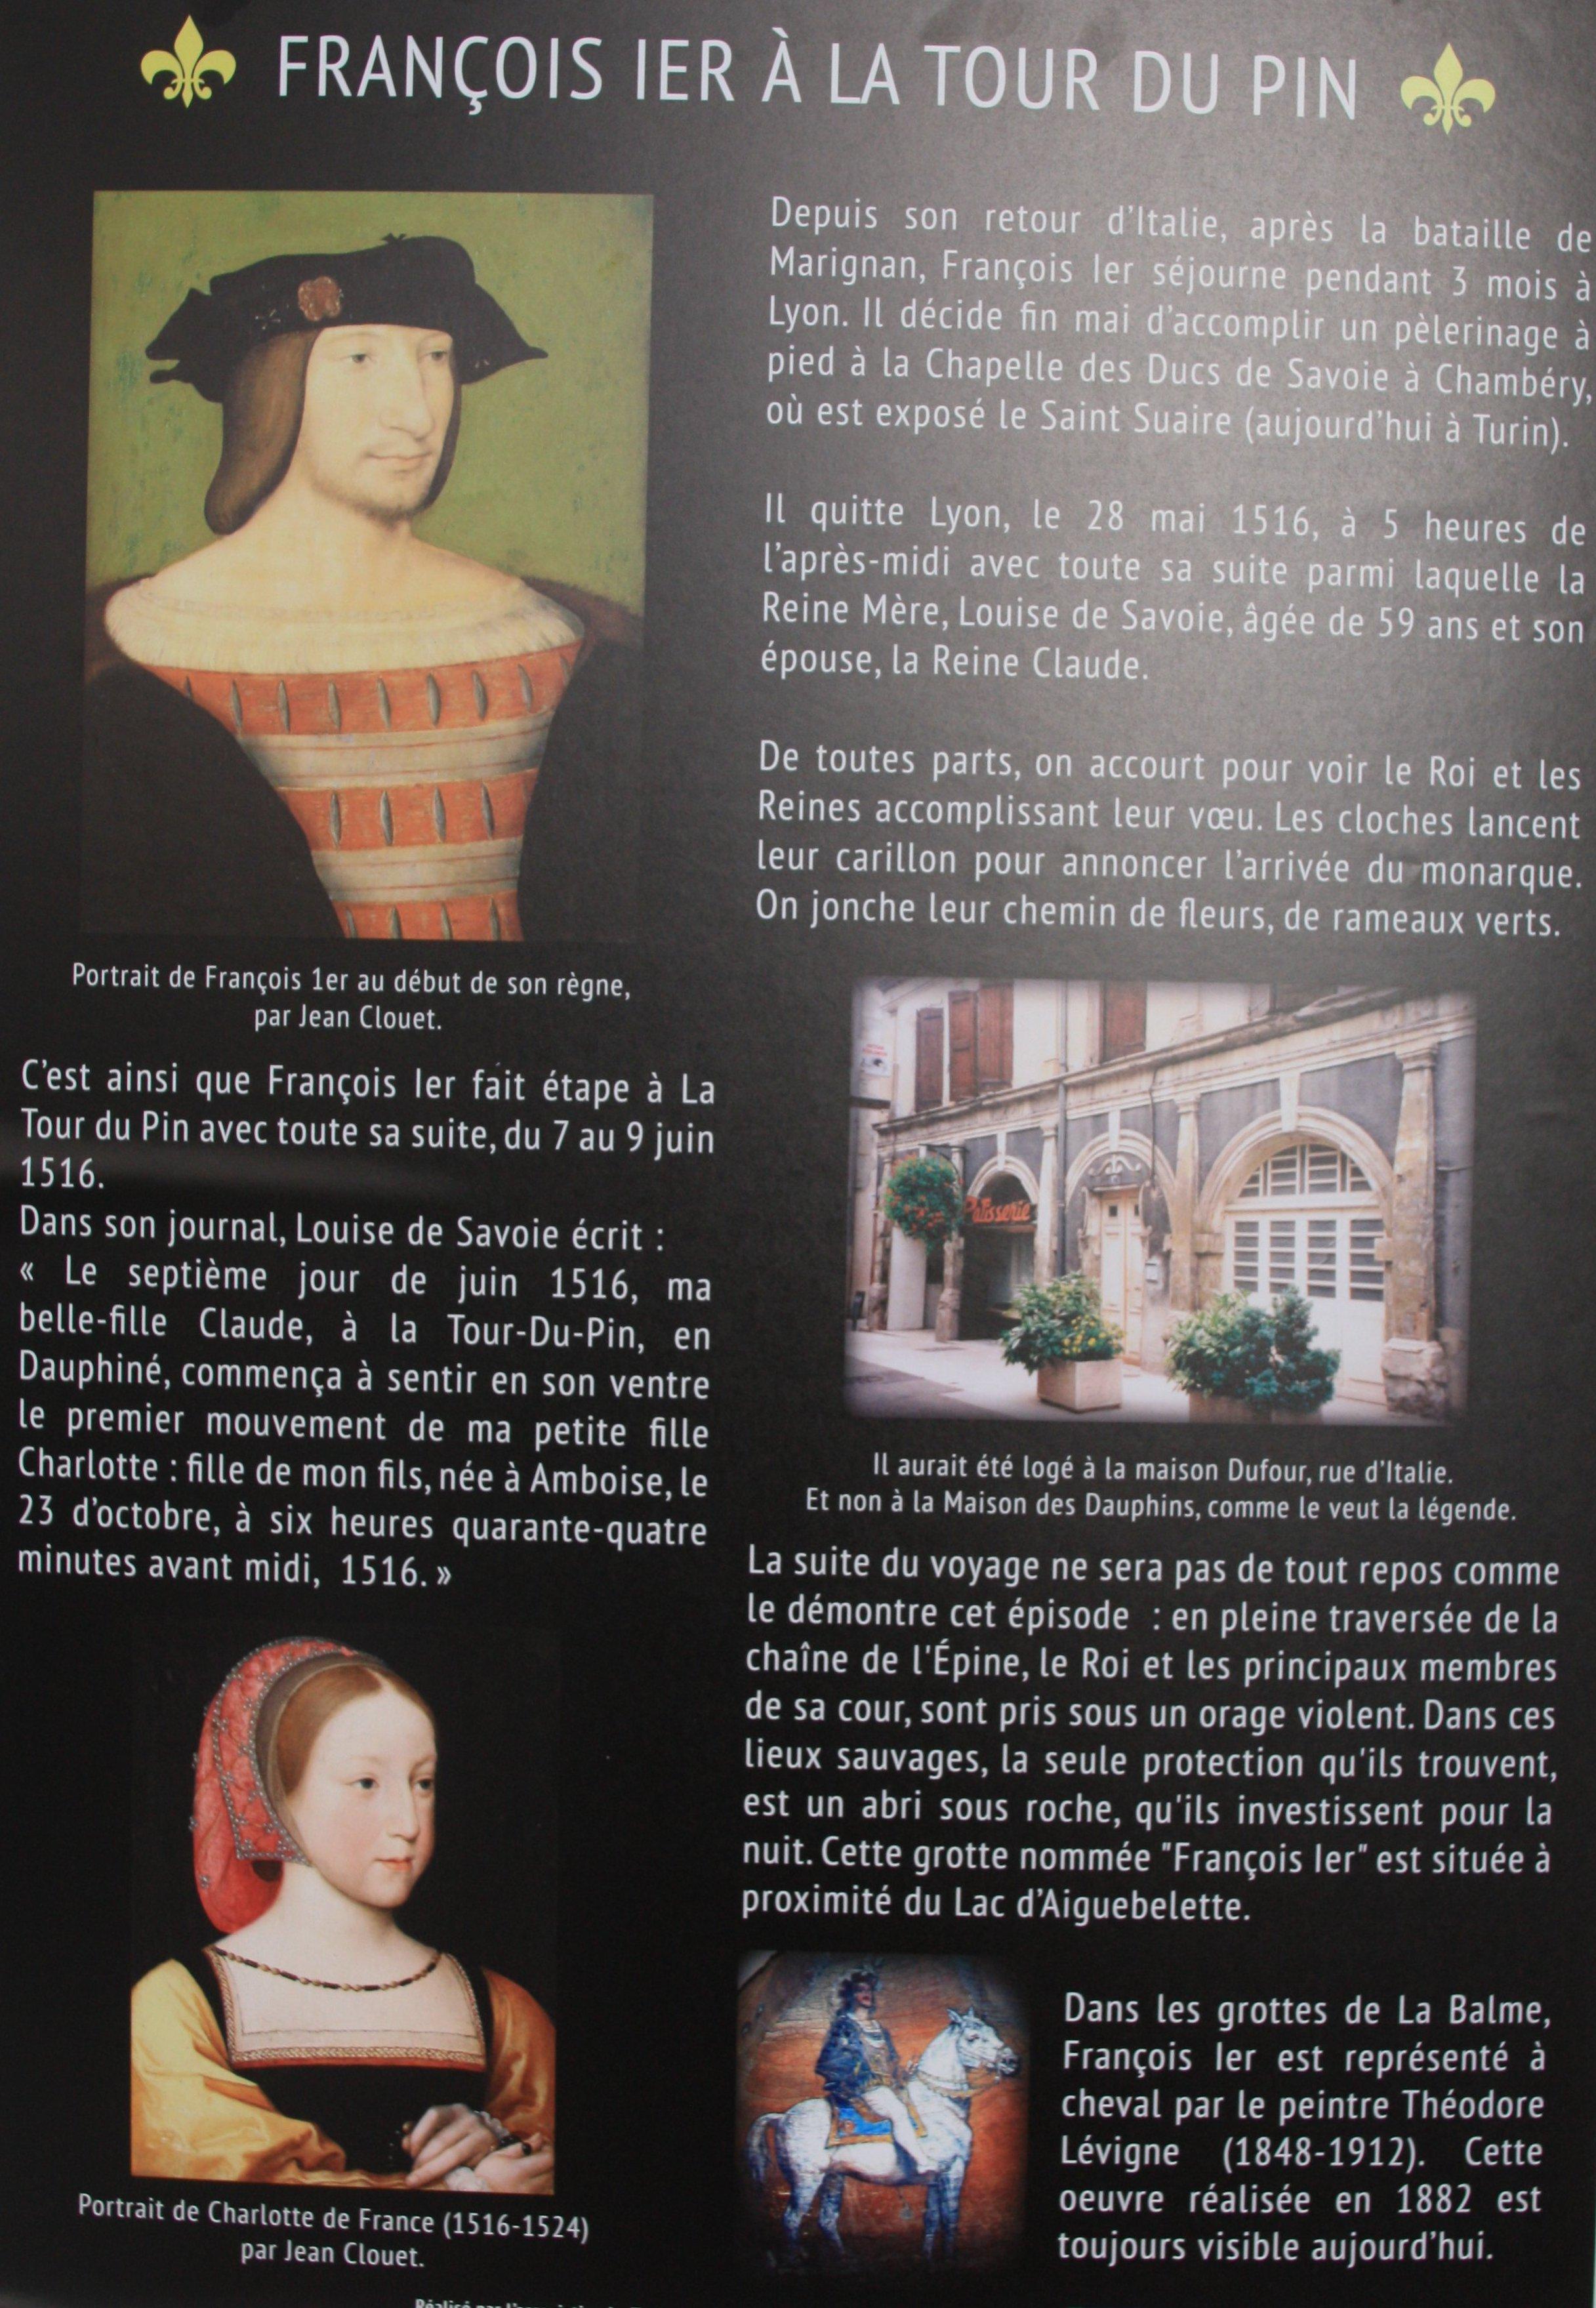 François 1er à La Tour